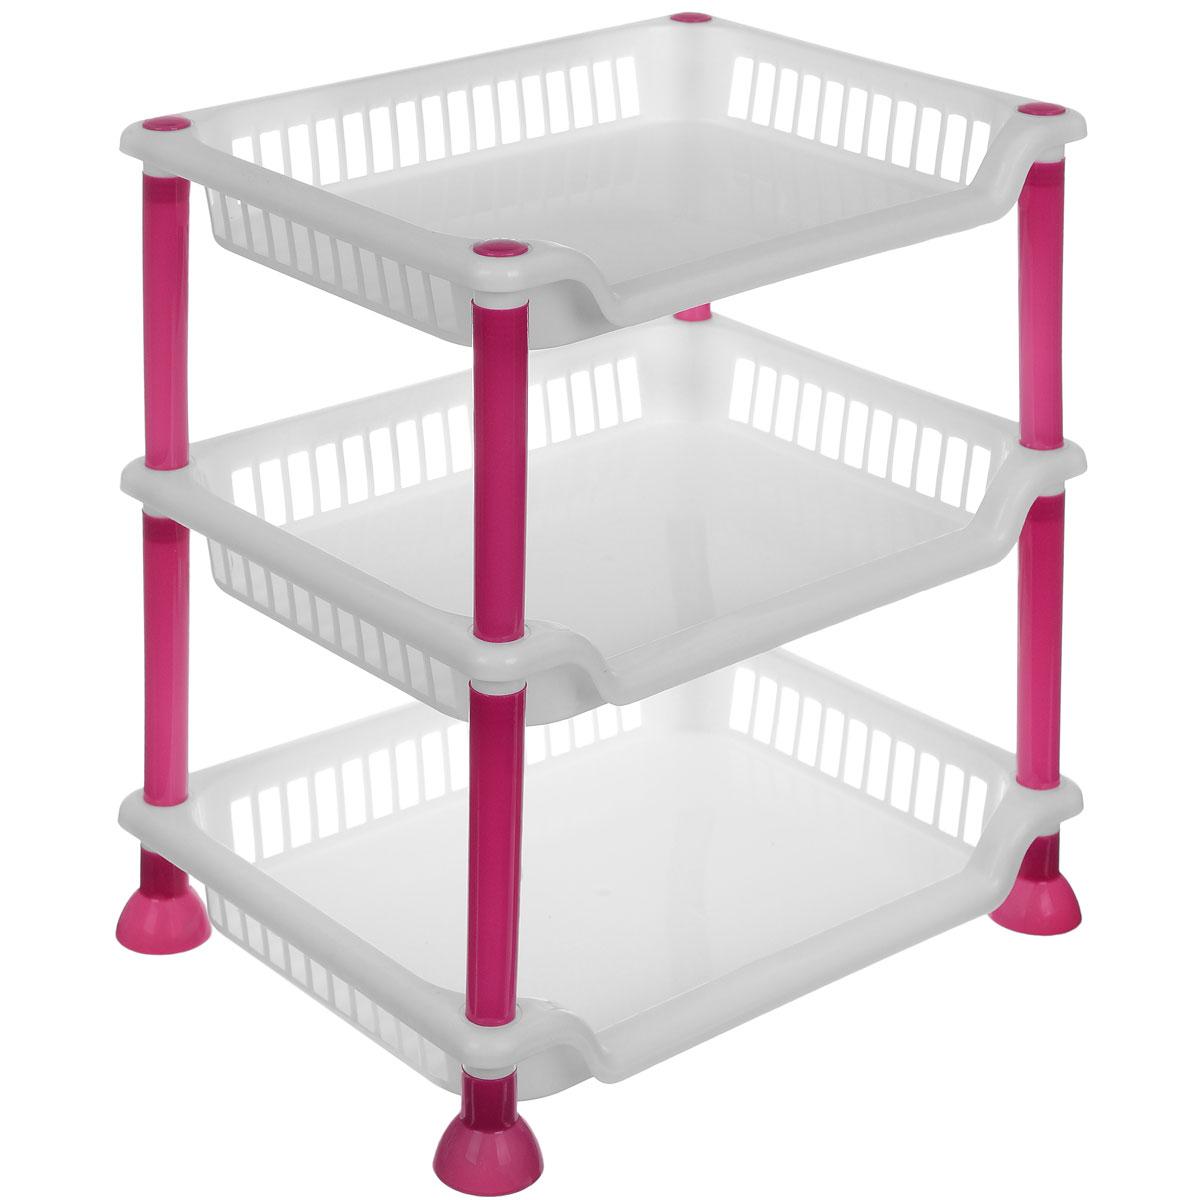 Этажерка Sima-land, 3-секционная, цвет: белый, малиновый, 29 х 21,5 х 33 см799887_белый, малиновыйЭтажерка Sima-land выполнена из высококачественного прочного пластика и предназначена для хранения различных предметов. Изделие имеет 3полки прямоугольной формы. В ванной комнате вы можете использовать этажерку для хранения шампуней, гелей, жидкого мыла, стиральных порошков, полотенец. Ручной инструмент и детали в вашем гараже всегда будут под рукой. Удобно ставить банки с краской, бутылки с растворителем. В гостиной этажерка позволит удобно хранить под рукой книги, журналы, газеты. С помощью этажерки также легко навести порядок в детской, она позволит удобно и компактно хранить игрушки, письменные принадлежности и учебники. Этажерка - это идеальное решение для любого помещения. Она поможет поддерживать чистоту, компактно организовать пространство и хранить вещи в порядке, а стильный дизайн сделает этажерку ярким украшением интерьера.Размер этажерки: 29 х 21,5 х 33 см. Размер полки: 29 х 21,5 х 4,5 см.